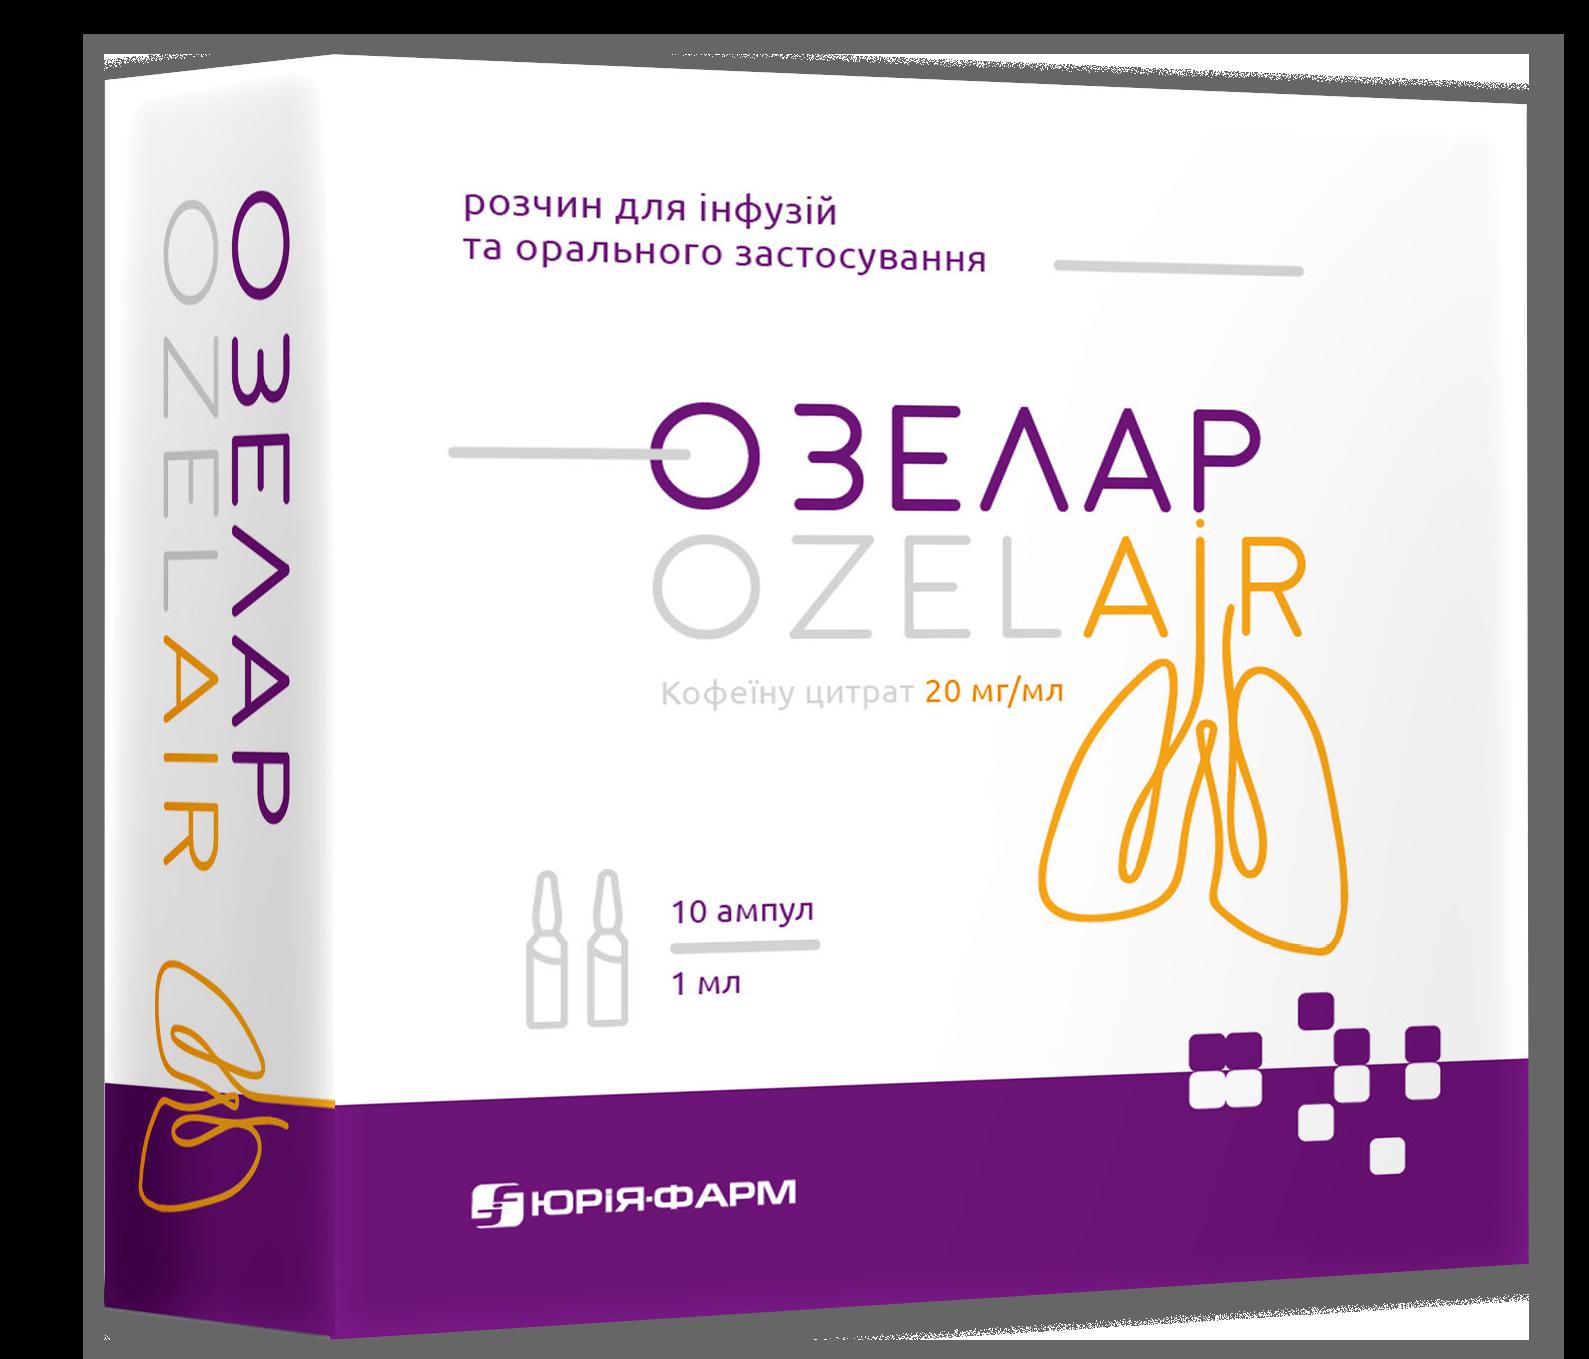 OZELAIR_big_transparent